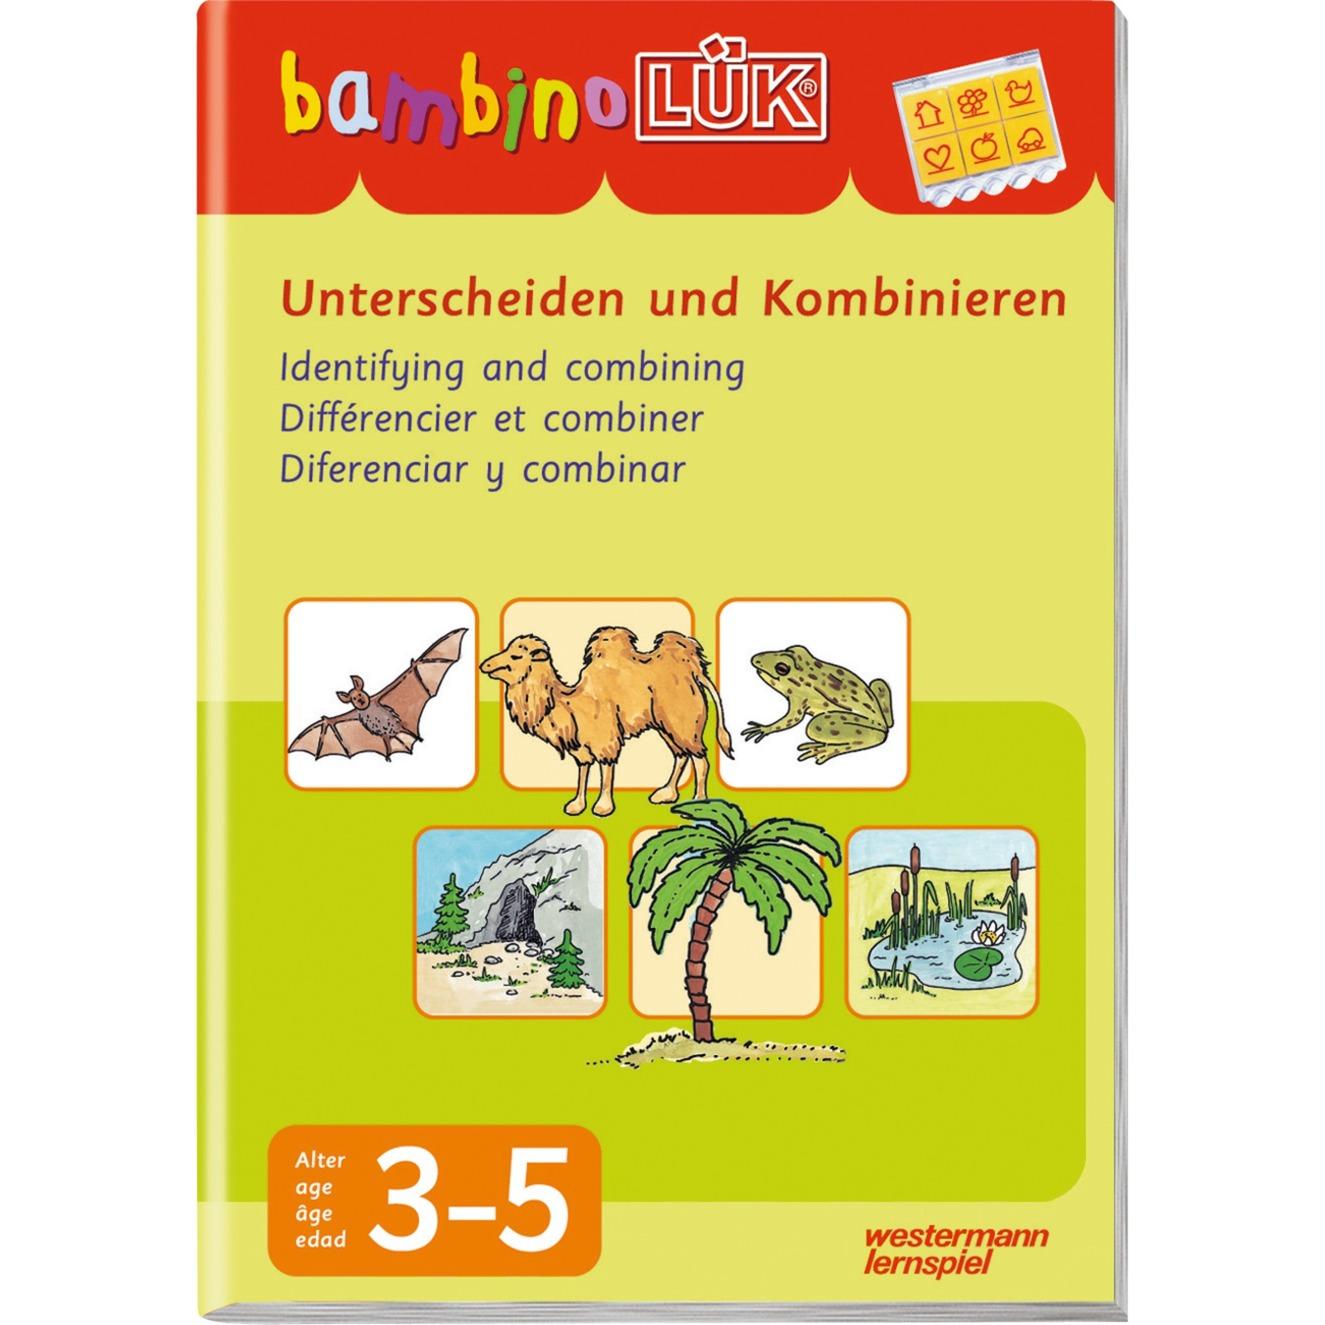 Unterscheiden und Kombinieren livre pour enfants, Manuel